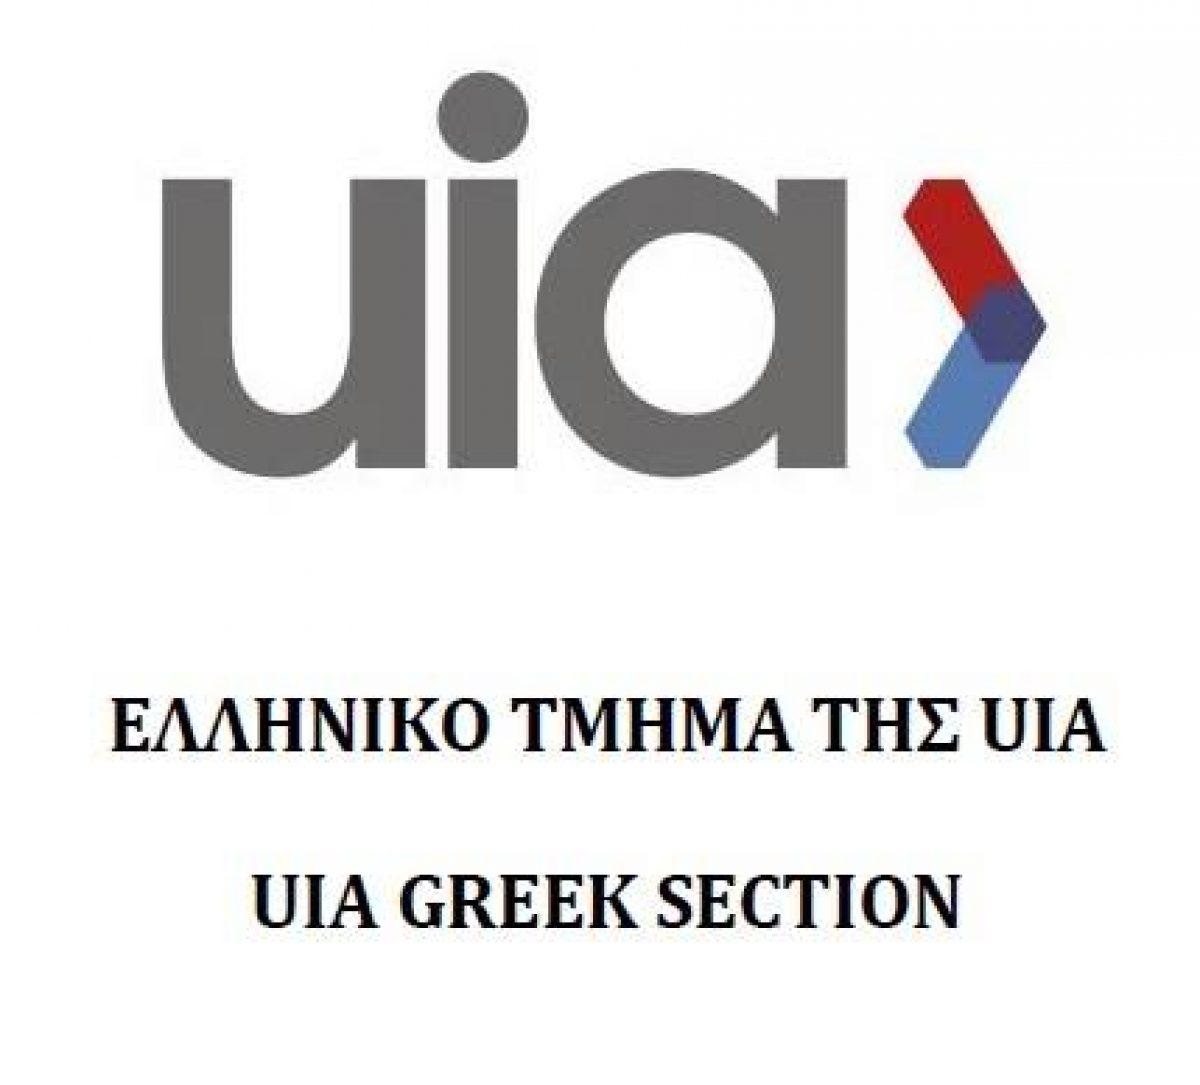 Συμμετοχή σε Διεθνή Προγράμματα Εργασίας της UIA & στο Ελληνικό Τμήμα της UIA